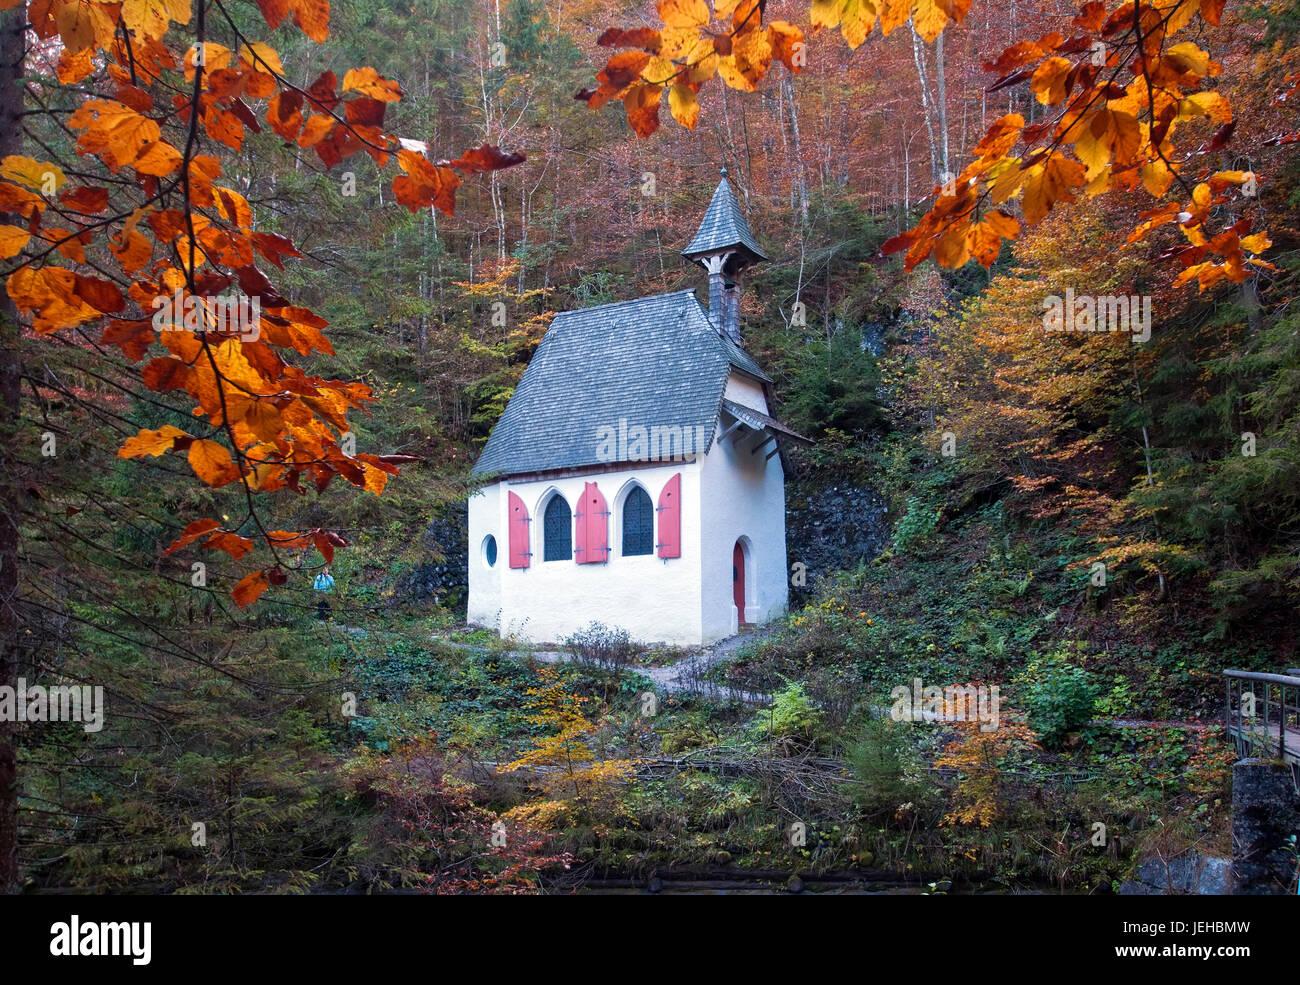 Konigsee, St. Johann und Paul Kapelle, Germany - Stock Image